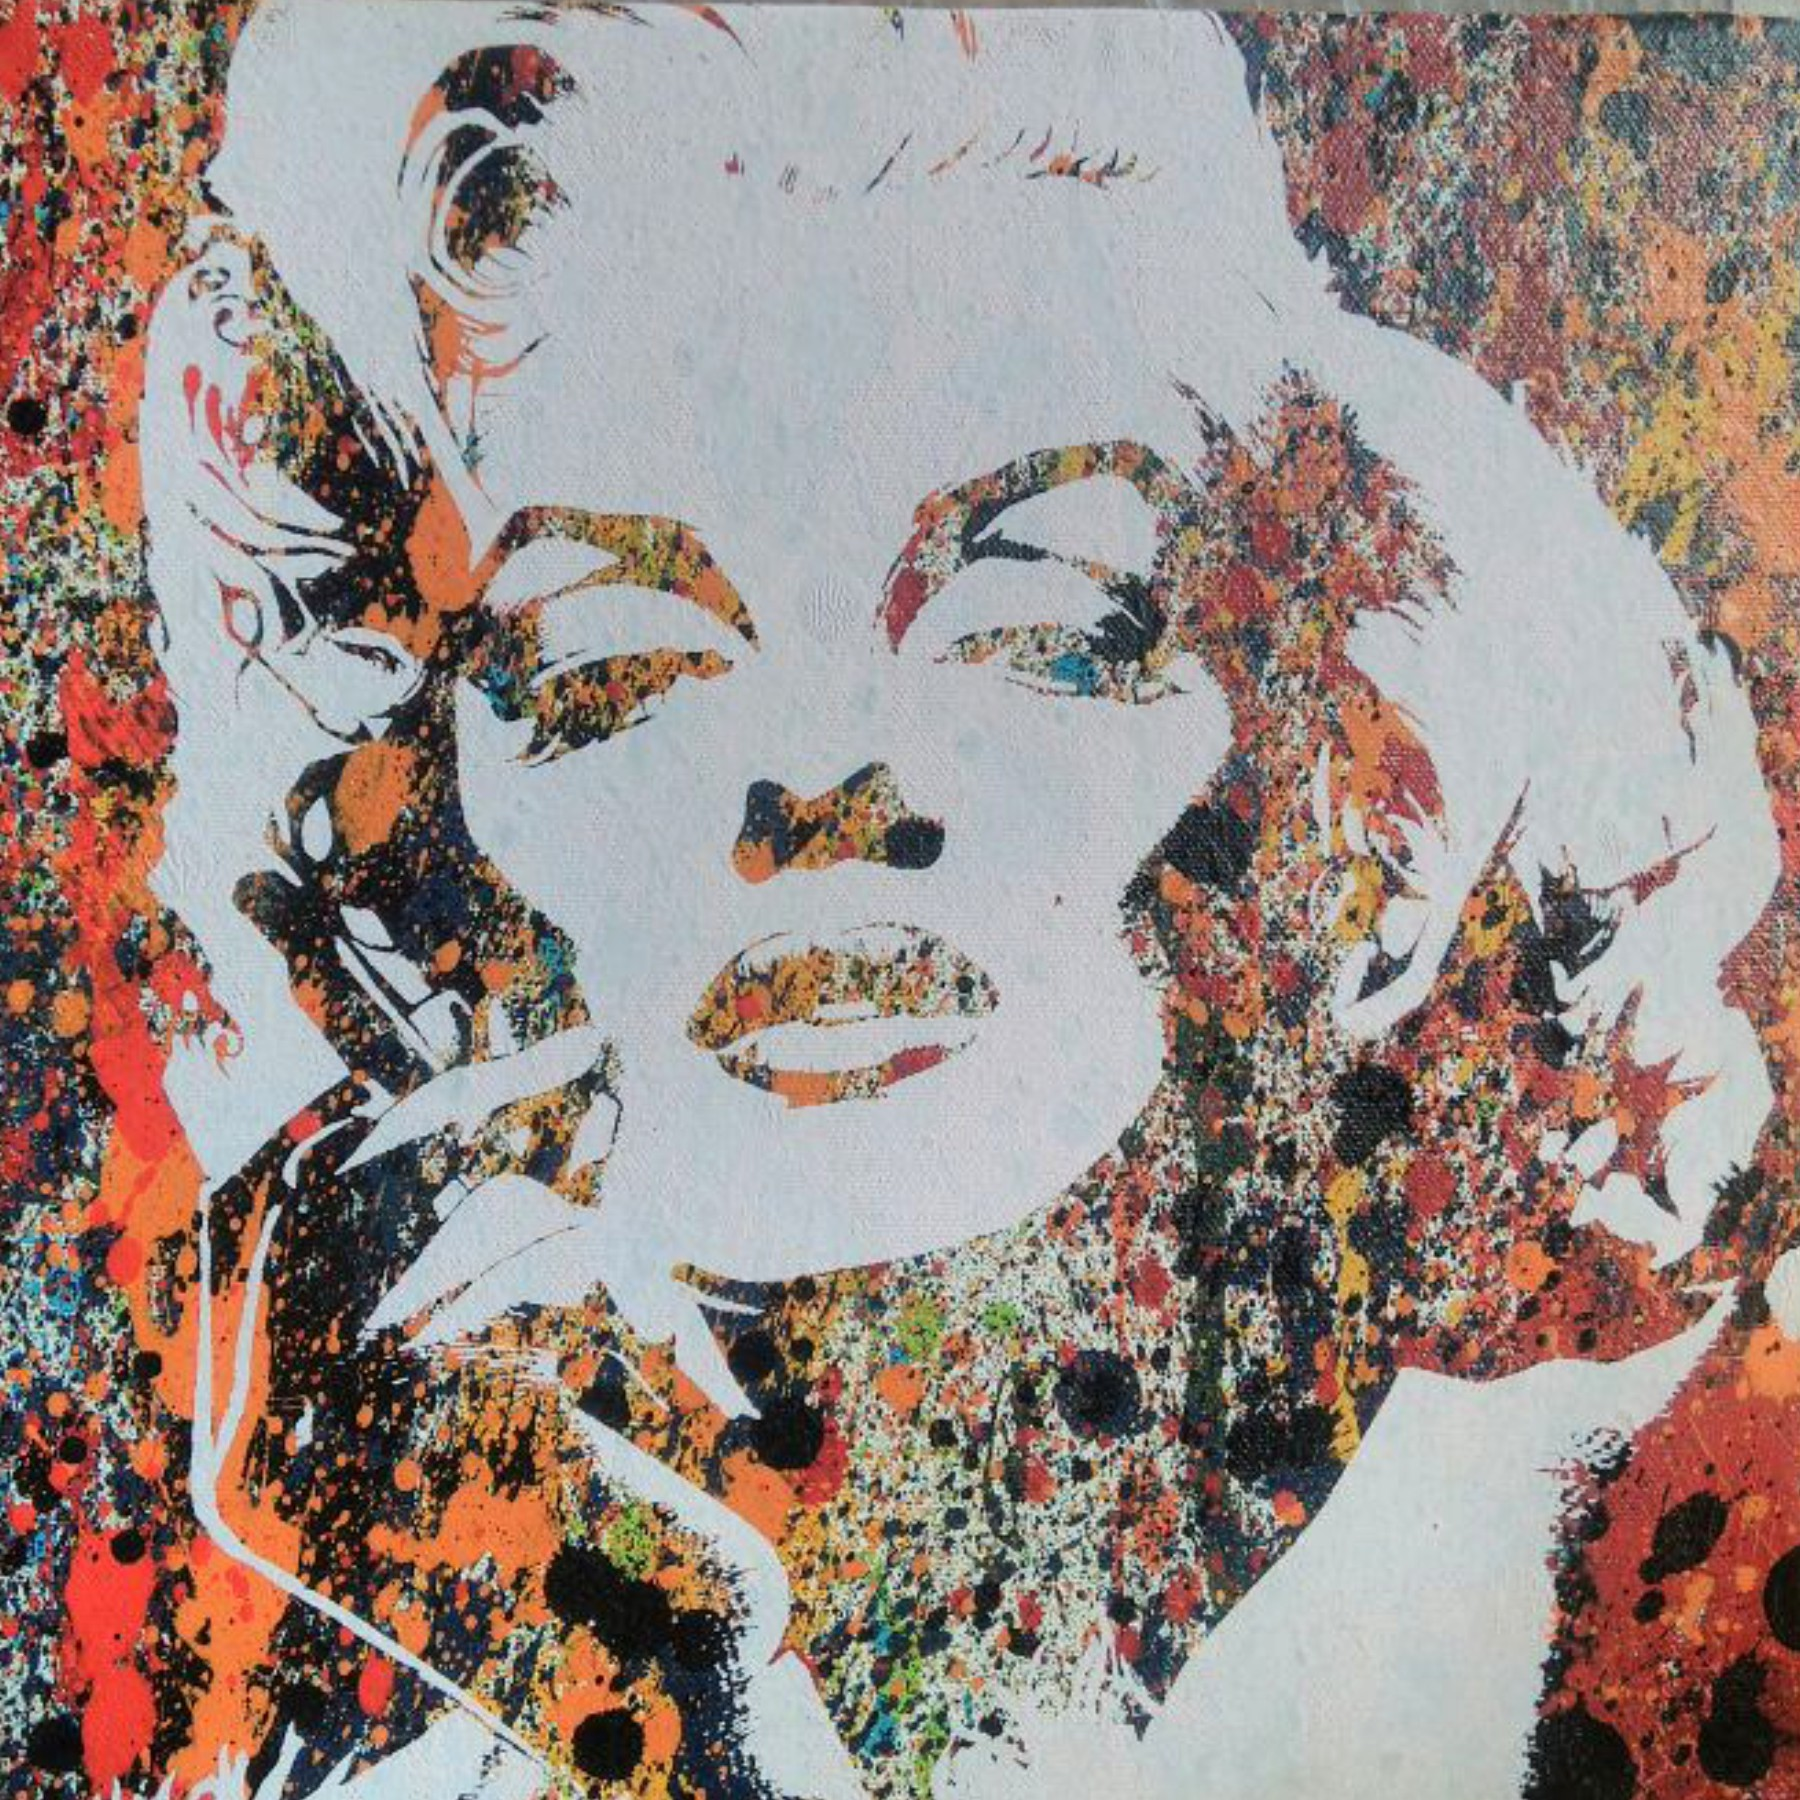 Marilyn Monroe (white)